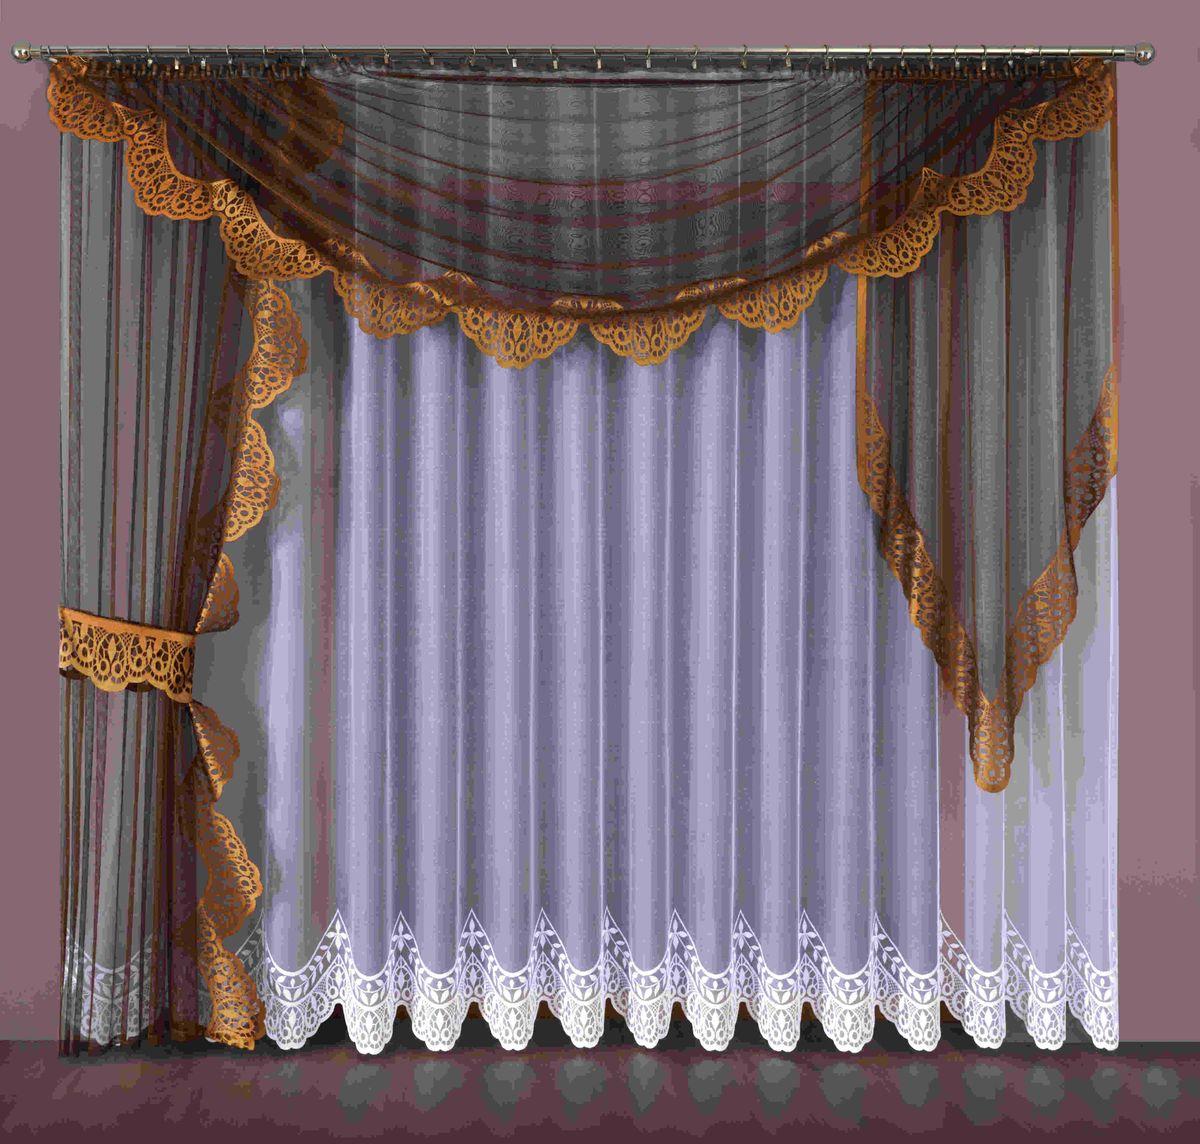 Комплект штор Wisan Aspazja, на ленте, цвет: белый, коричневый, высота 250 смSVC-300Комплект штор Wisan Aspazja выполненный из полиэстера, великолепно украсит любое окно. В комплект входят 2 шторы, тюль, ламбрекен и 2 подхвата. Интересный крой придает комплекту особый стиль и шарм. Тонкое плетение, нежная цветовая гамма и роскошное исполнение - все это делает шторы Wisan Aspazja замечательным дополнением интерьера помещения.Комплект оснащен шторной лентой для красивой сборки. В комплект входит: Штора - 1 шт. Размер (ШхВ): 145 см х 250 см. Штора - 1 шт. Размер (ШхВ): 100 см х 90 см. Тюль - 1 шт. Размер (ШхВ): 400 см х 250 см. Ламбрекен - 1 шт. Размер (ШхВ): 330 см х 145 см. Подхват - 1 шт.Фирма Wisan на польском рынке существует уже более пятидесяти лет и является одной из лучших польских фабрик по производству штор и тканей. Ассортимент фирмы представлен готовыми комплектами штор для гостиной, детской, кухни, а также текстилем для кухни (скатерти, салфетки, дорожки, кухонные занавески). Модельный ряд отличает оригинальный дизайн, высокое качество. Ассортимент продукции постоянно пополняется.